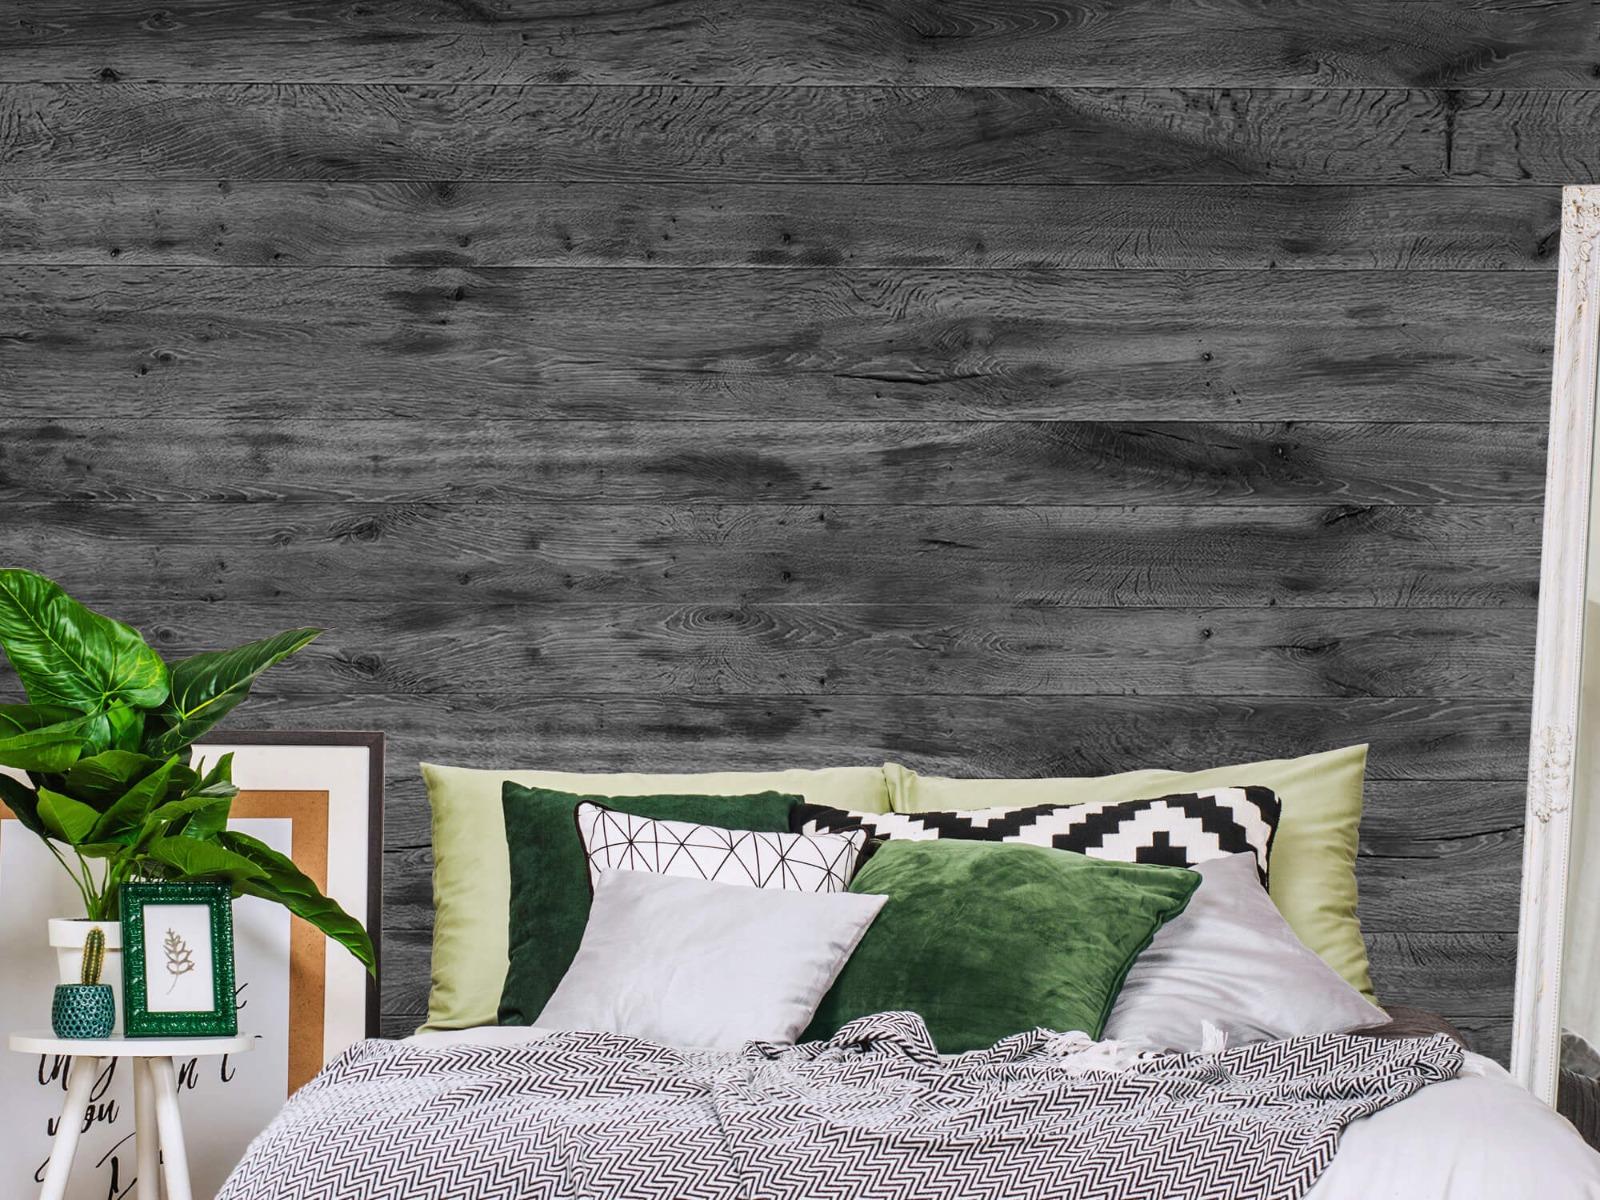 Hout behang - Grijze houten planken - Directie 14